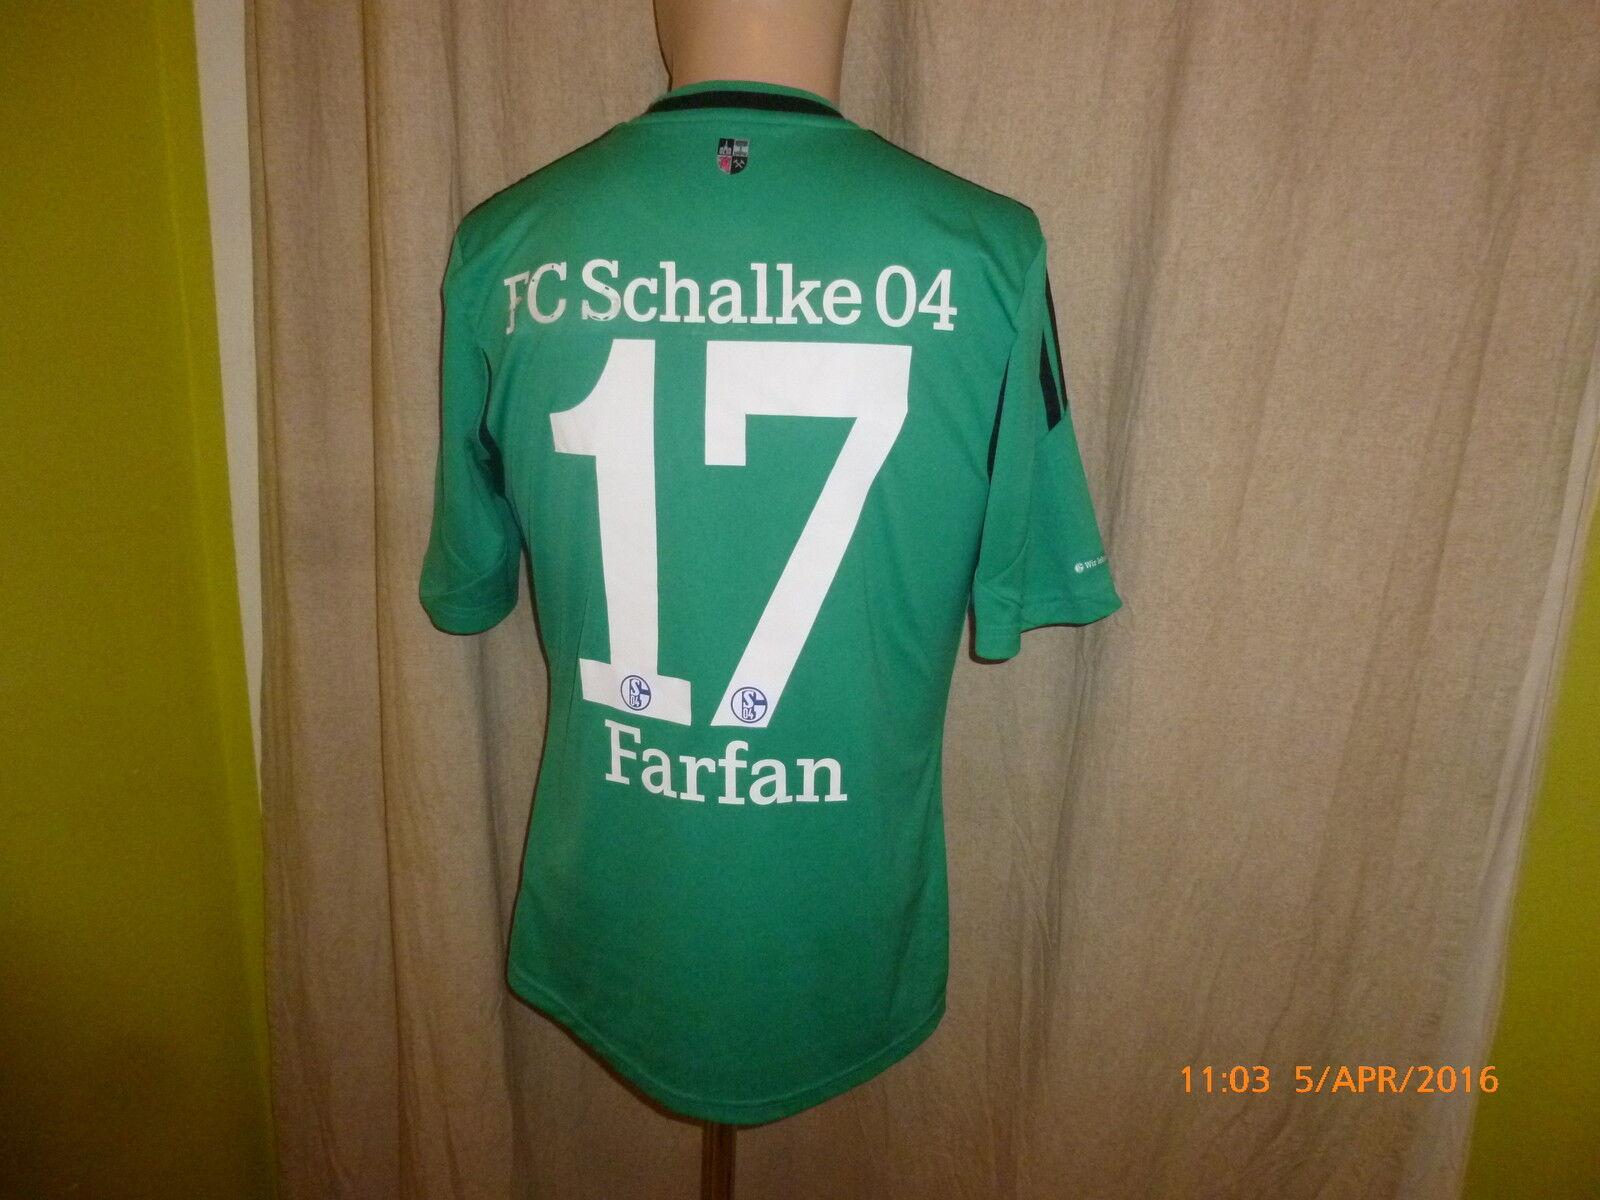 FC Schalke 04 Adidas Ausweich Trikot 2013 2013 2013 14  GAZPROM  + Nr.17 Farfan Gr.S 50a6d8